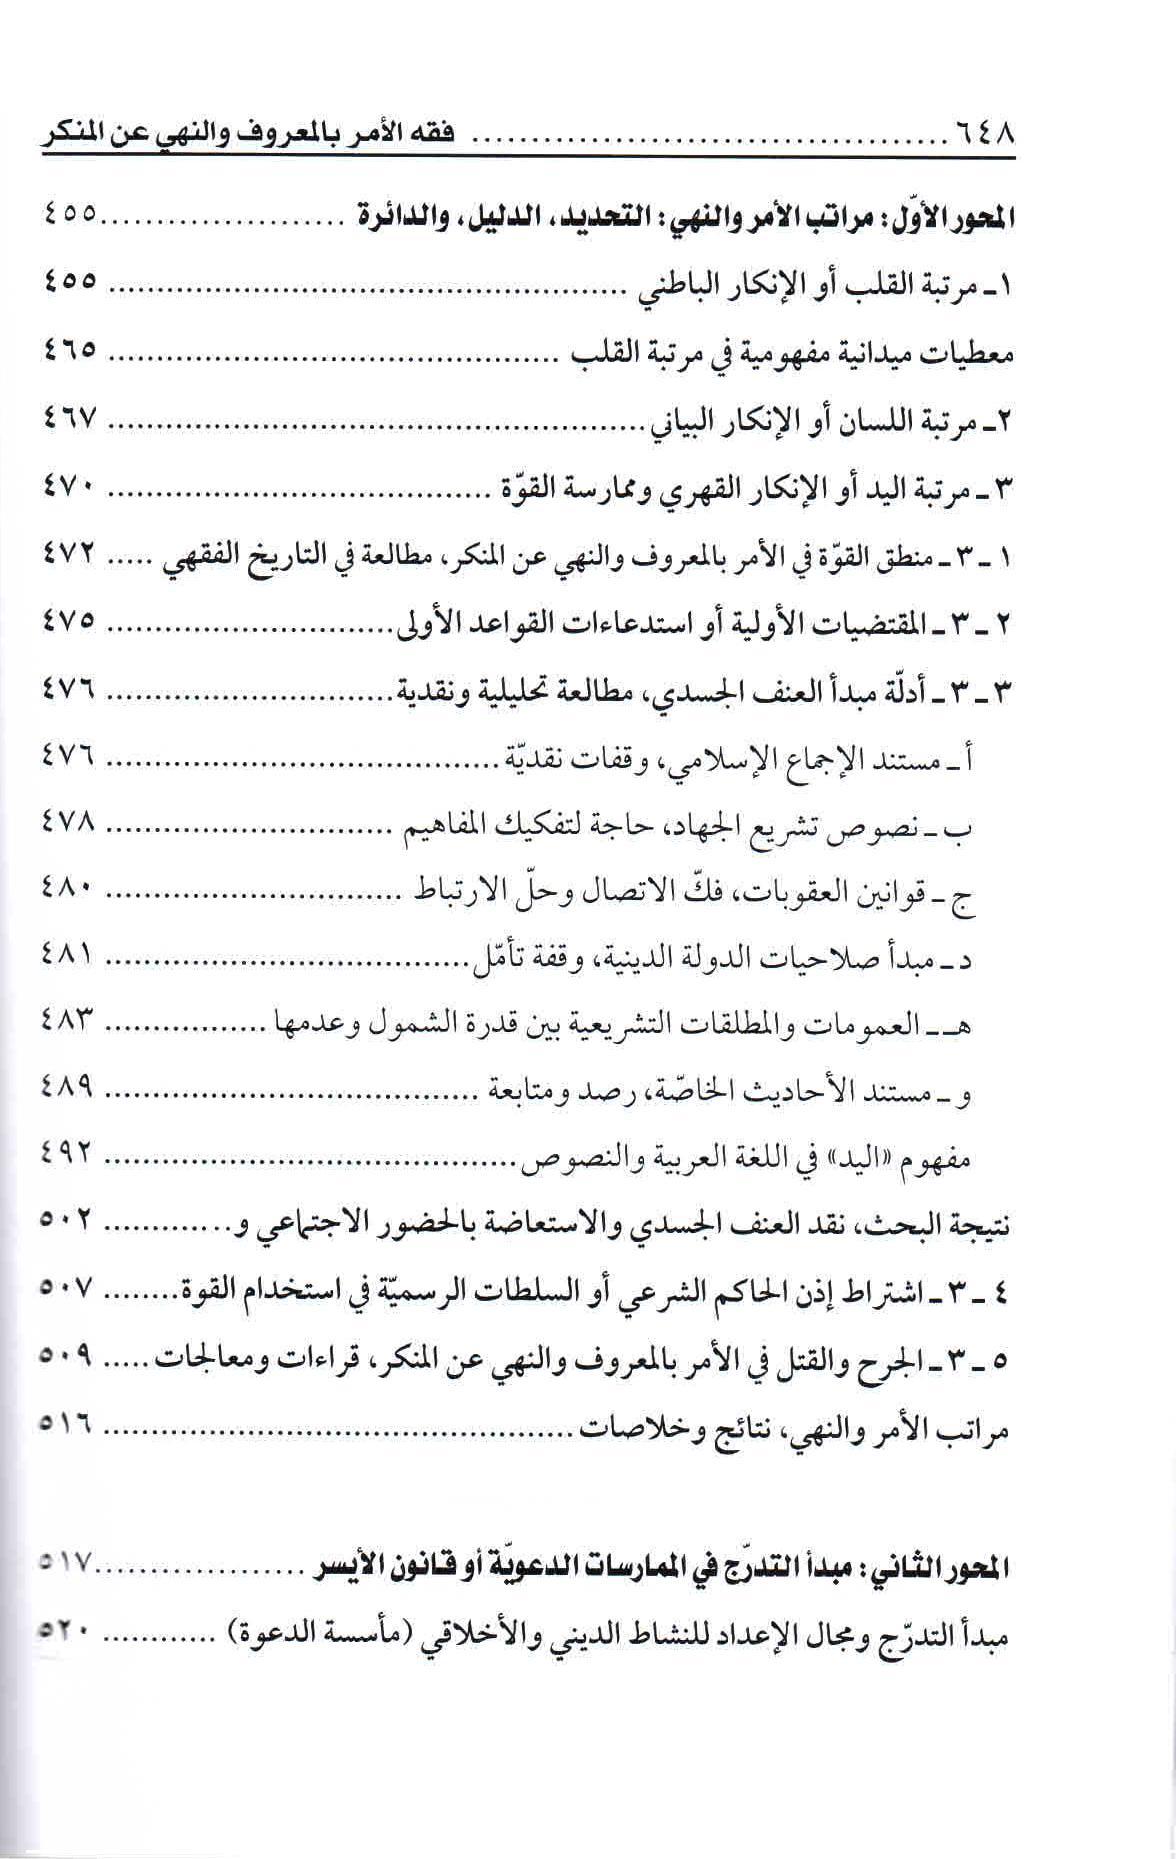 ص 648 محتويات كتاب فقه الأمر بالمعروف والنهي عن المنكر